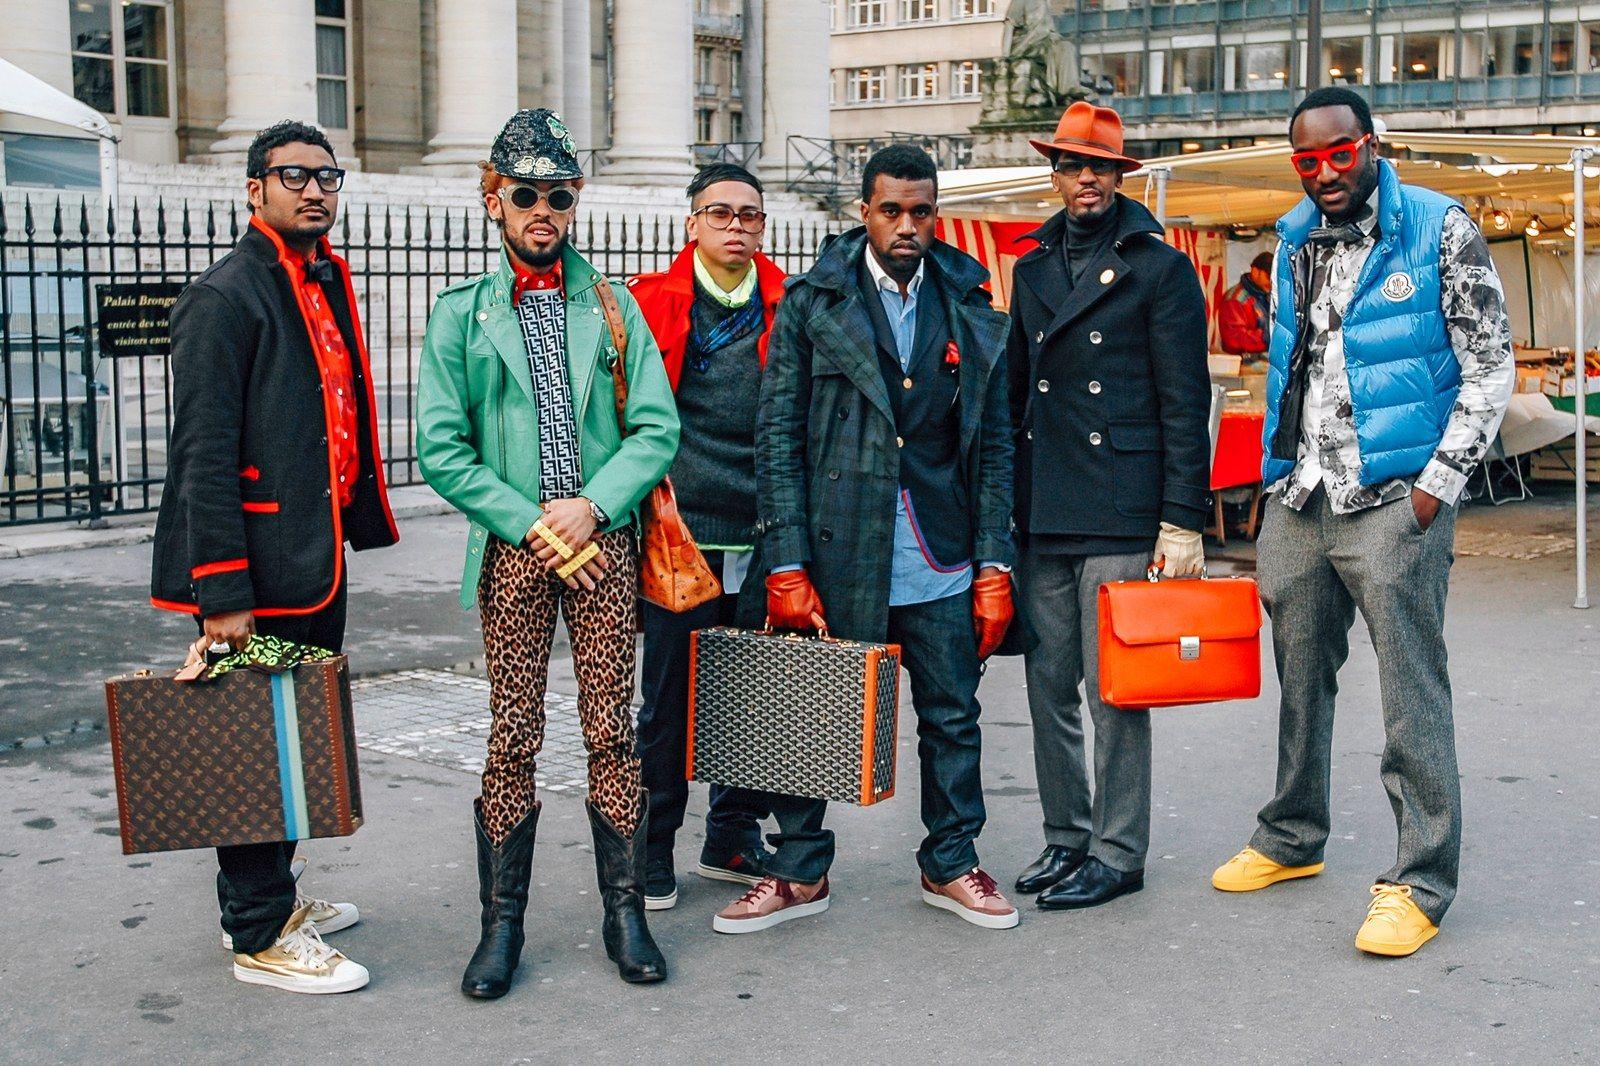 Prelomové momenty, ktoré definovali desaťročie pouličnej módy 2010 až 2020